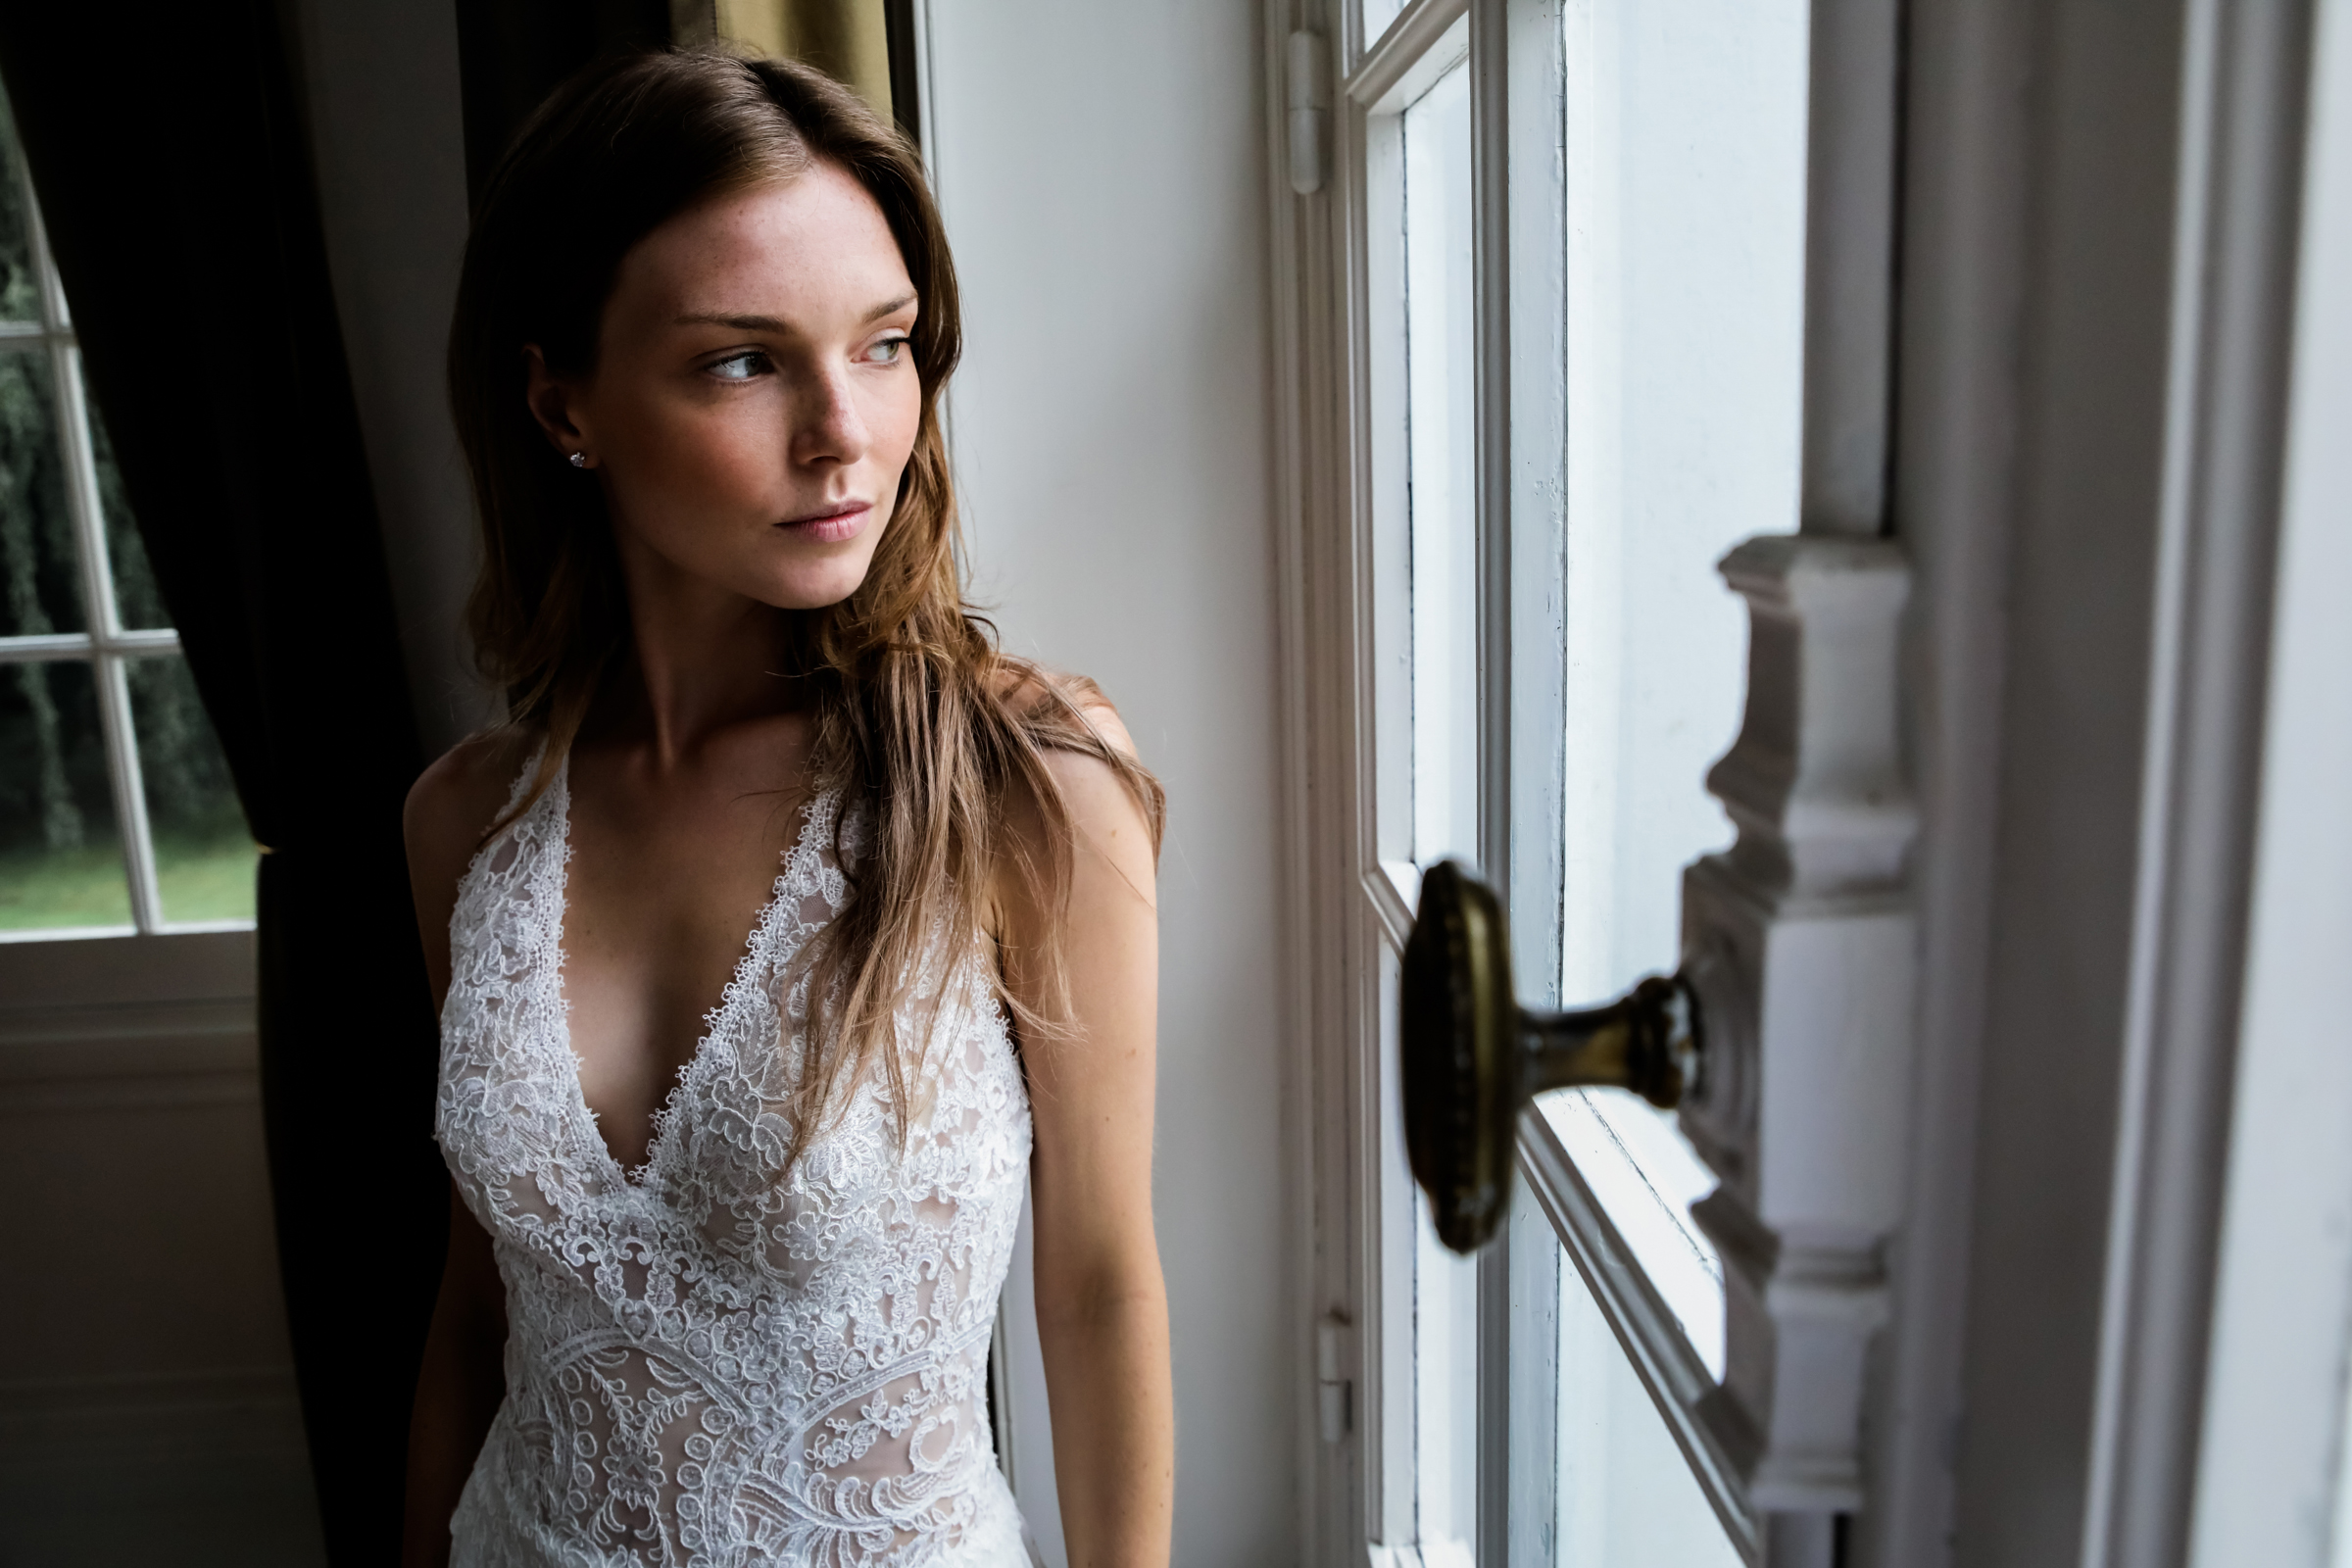 bride-in-window-light-julien-laurent-georges